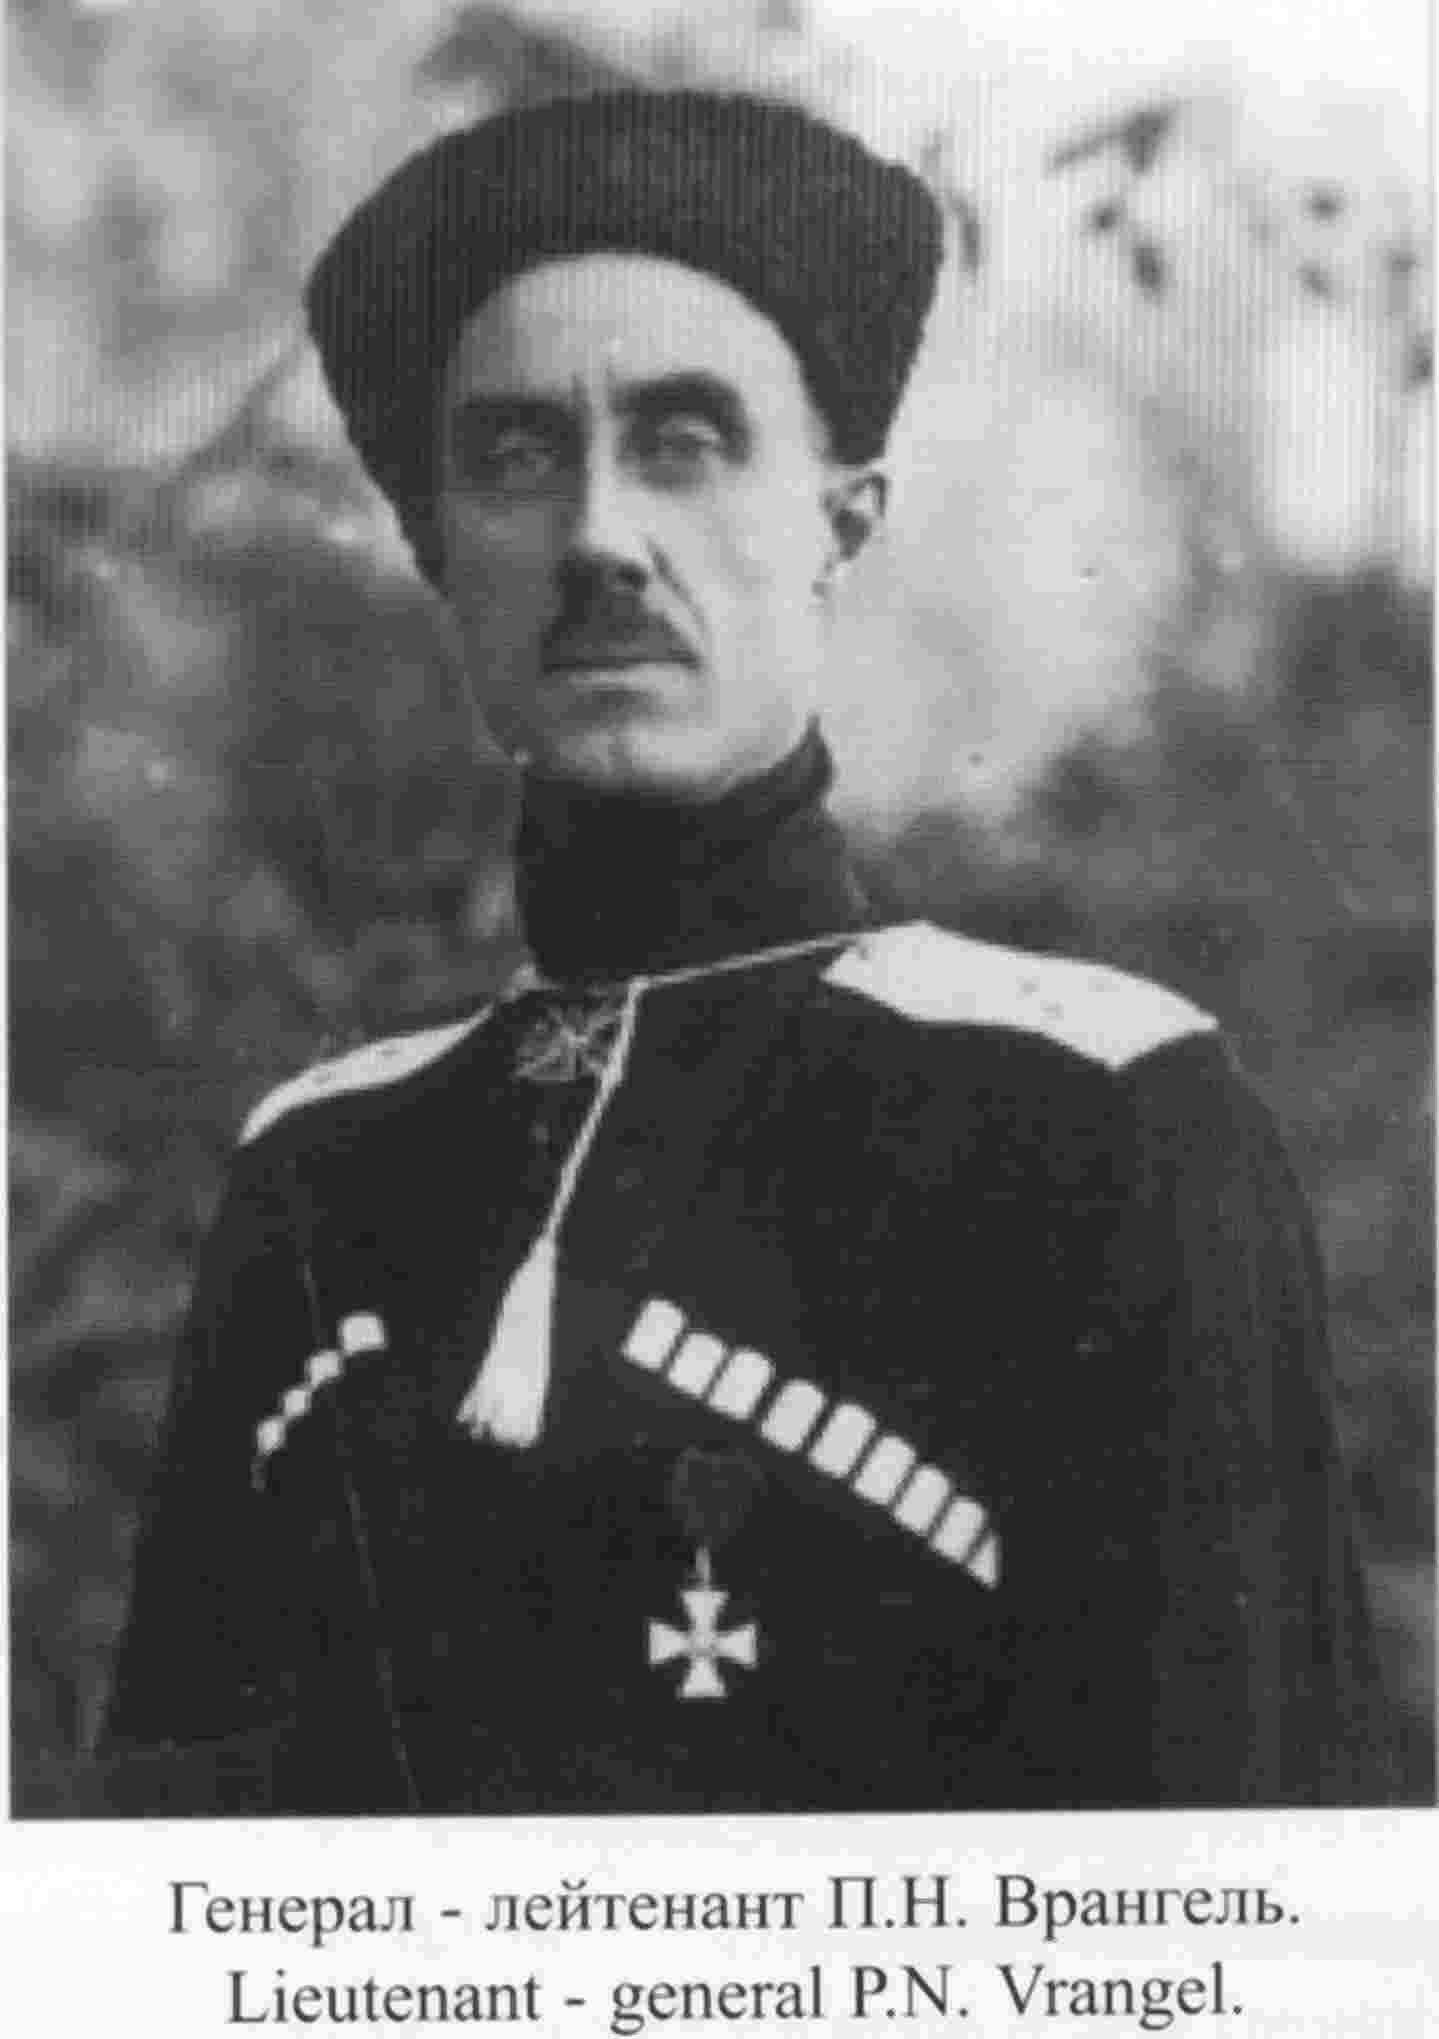 Генерал и его армия георгий владимов